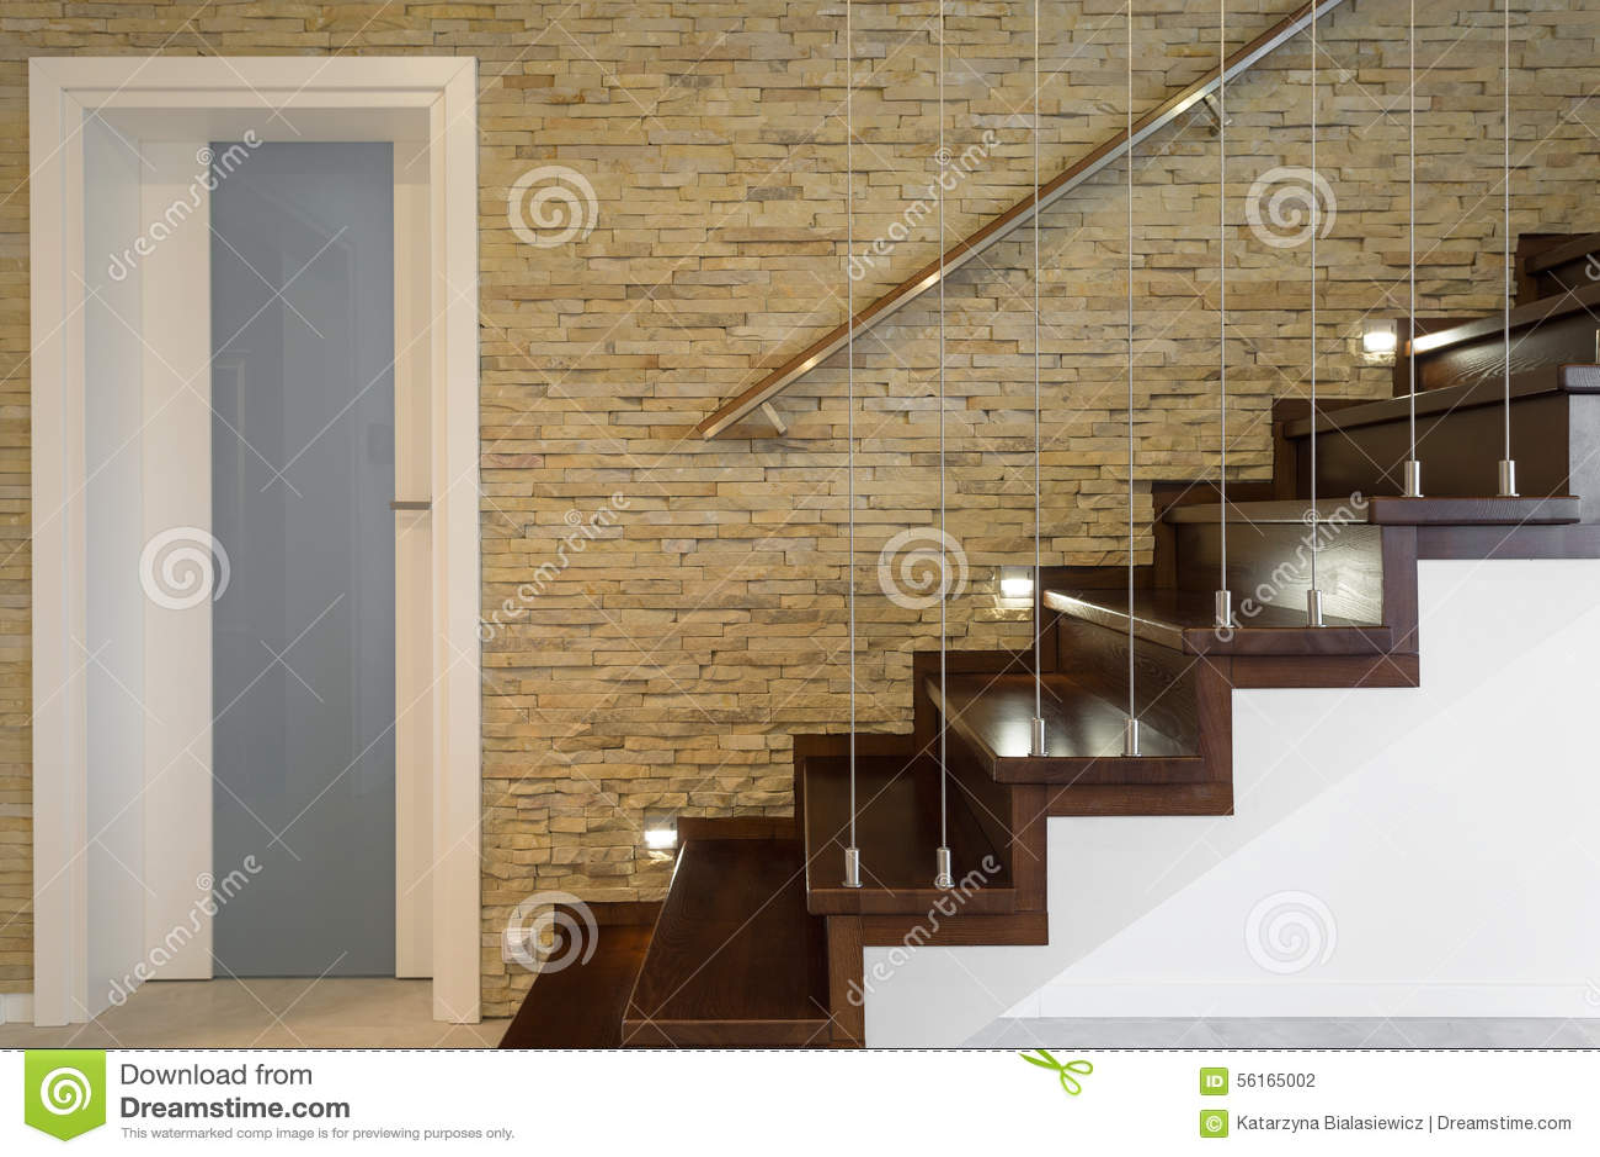 Escalier Et Mur De Briques En Bois Photo stock - Image du ...